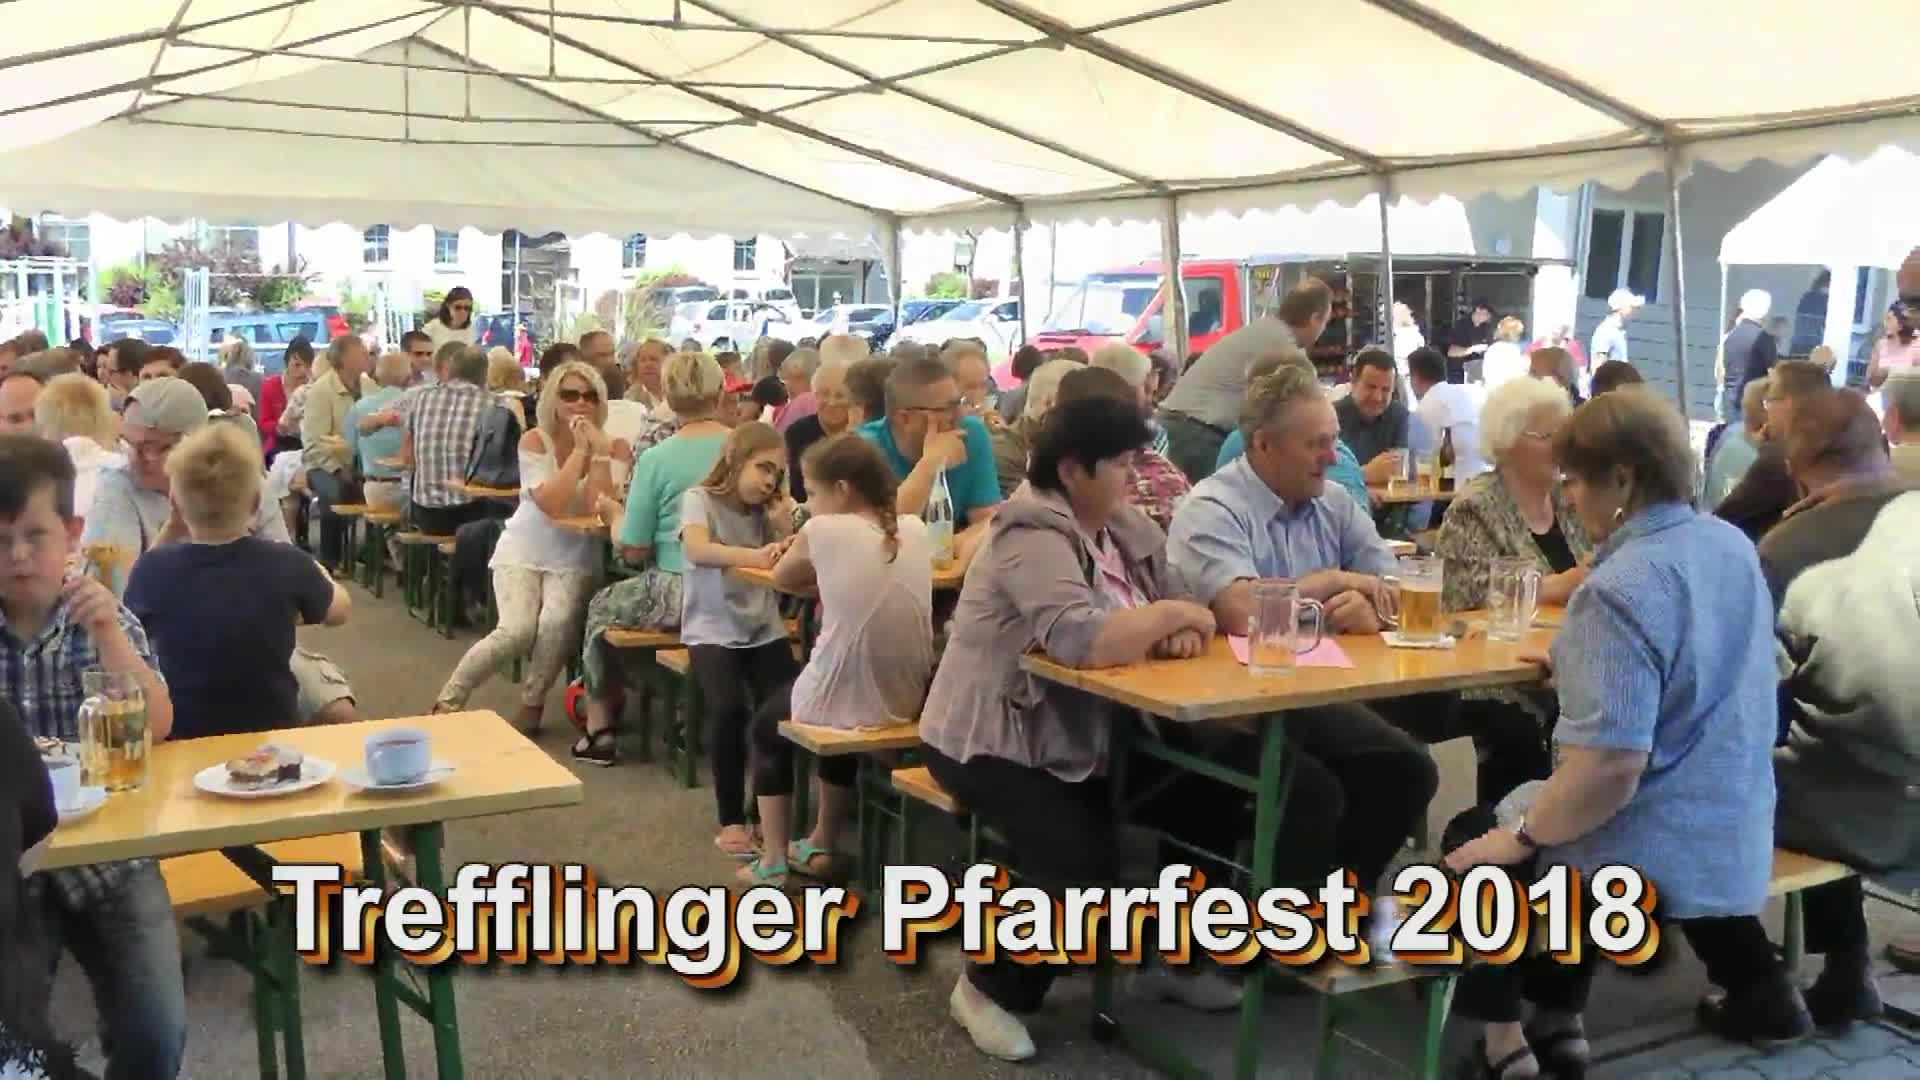 Trefflinger Pfarrfest 2018